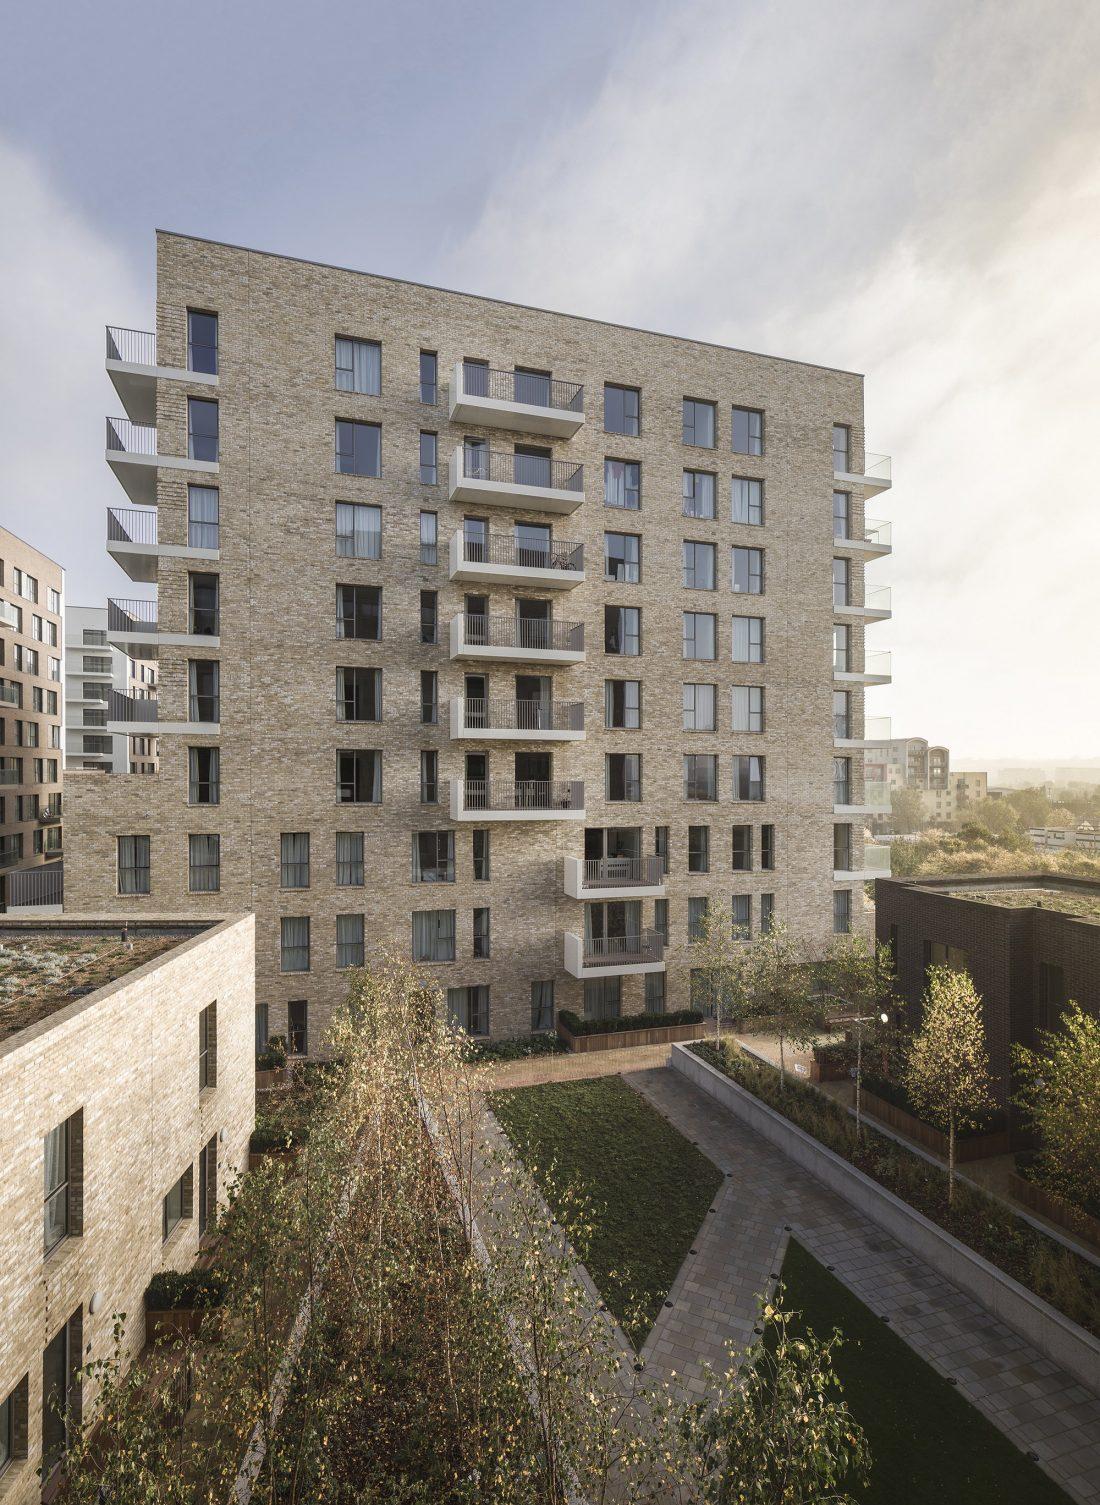 Жилой комплекс Greenwich Peninsula Riverside в Лондоне по проекту C.F. Moller 5